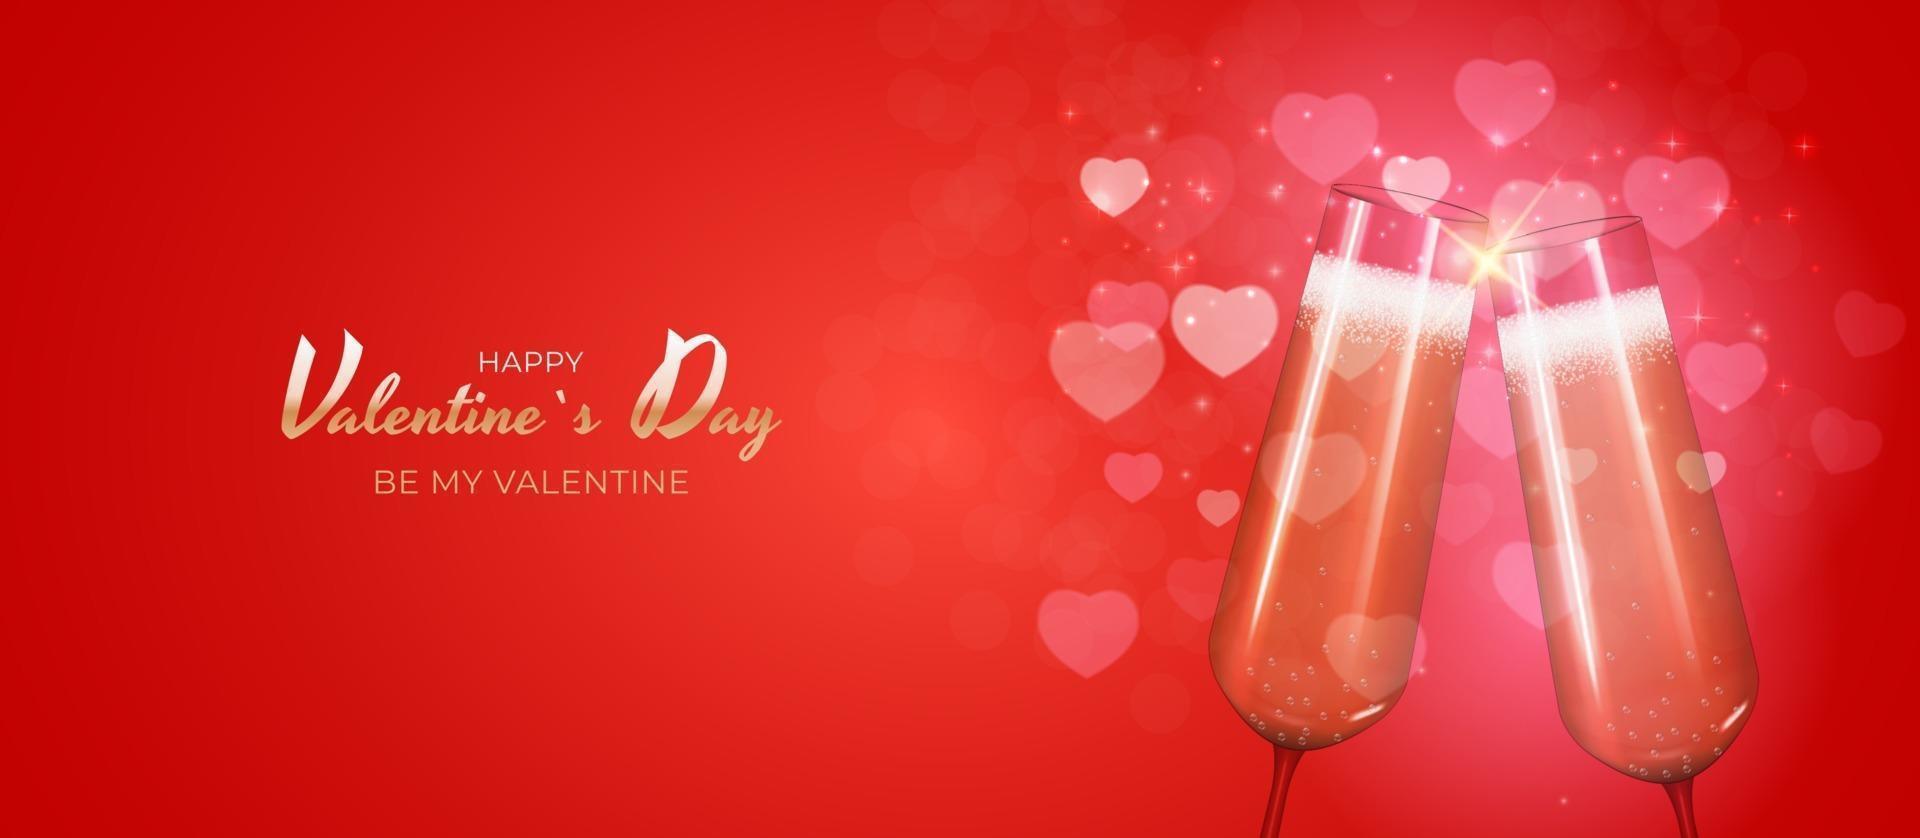 conception réaliste de fond de carte-cadeau de vacances de la Saint-Valentin. modèle pour la publicité, le Web, les médias sociaux et les annonces de mode. vecteur